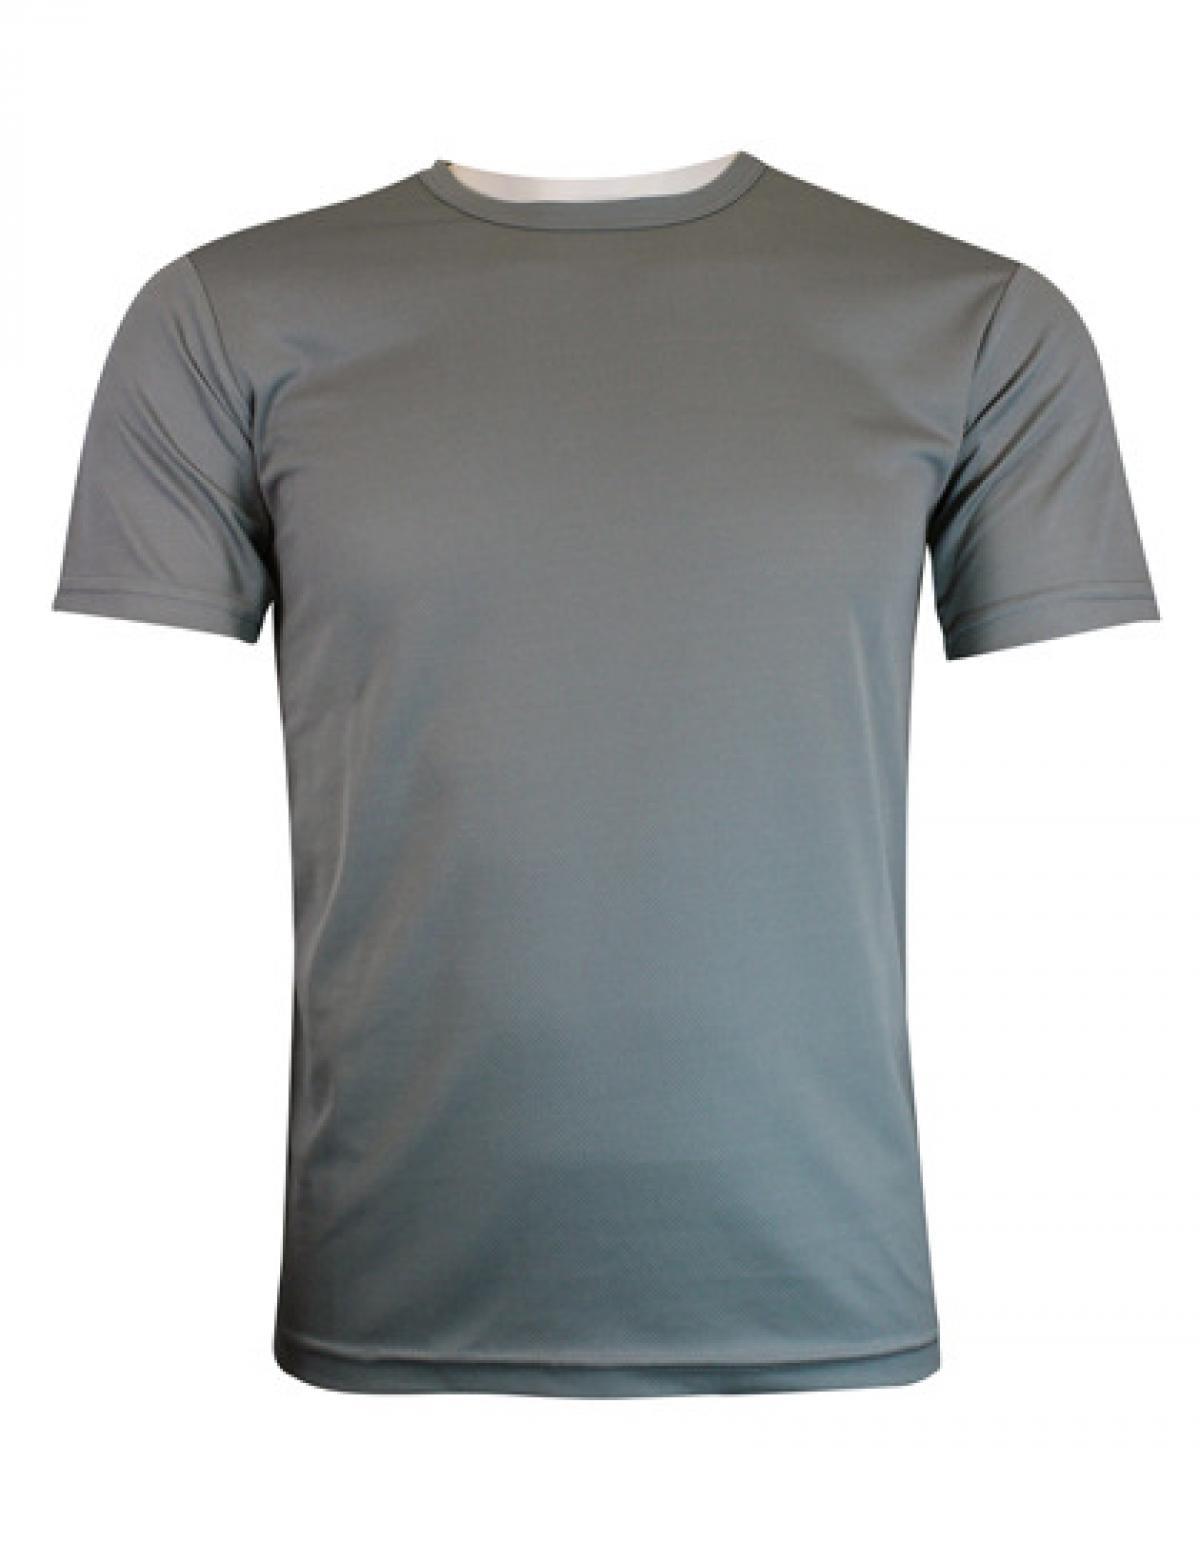 herren sport funktions t shirt schnell trocknend oltees. Black Bedroom Furniture Sets. Home Design Ideas